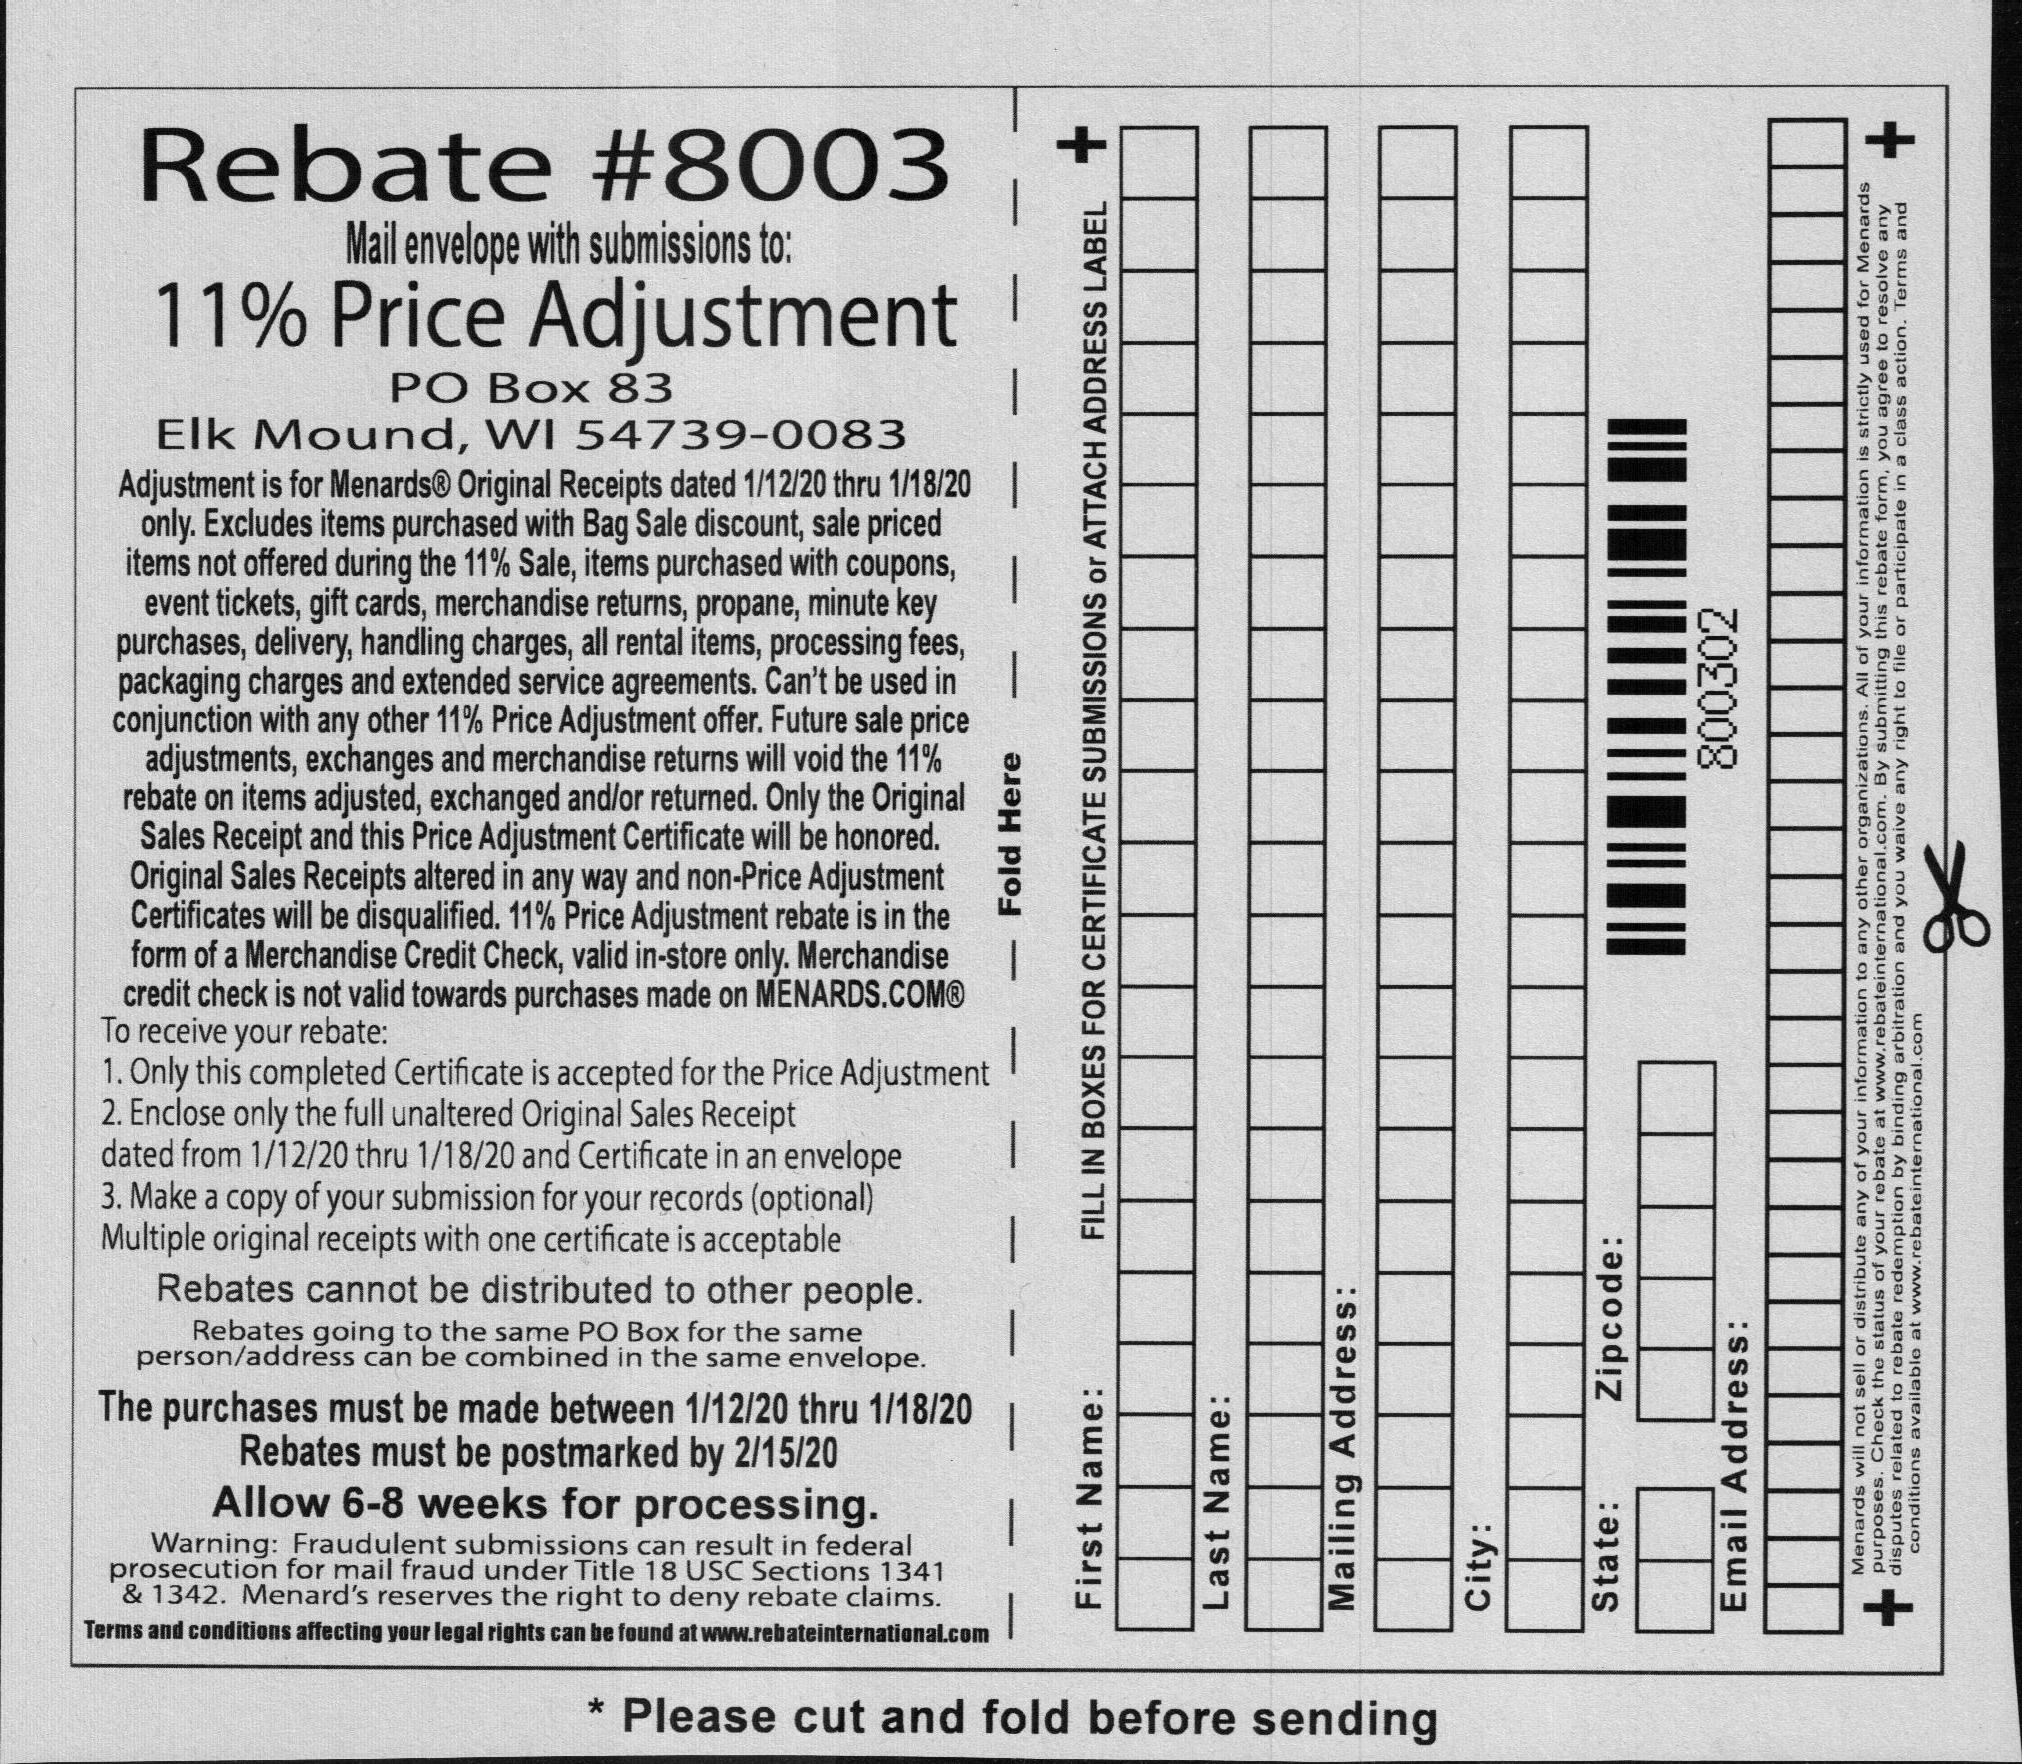 Menards Rebate Form 7599